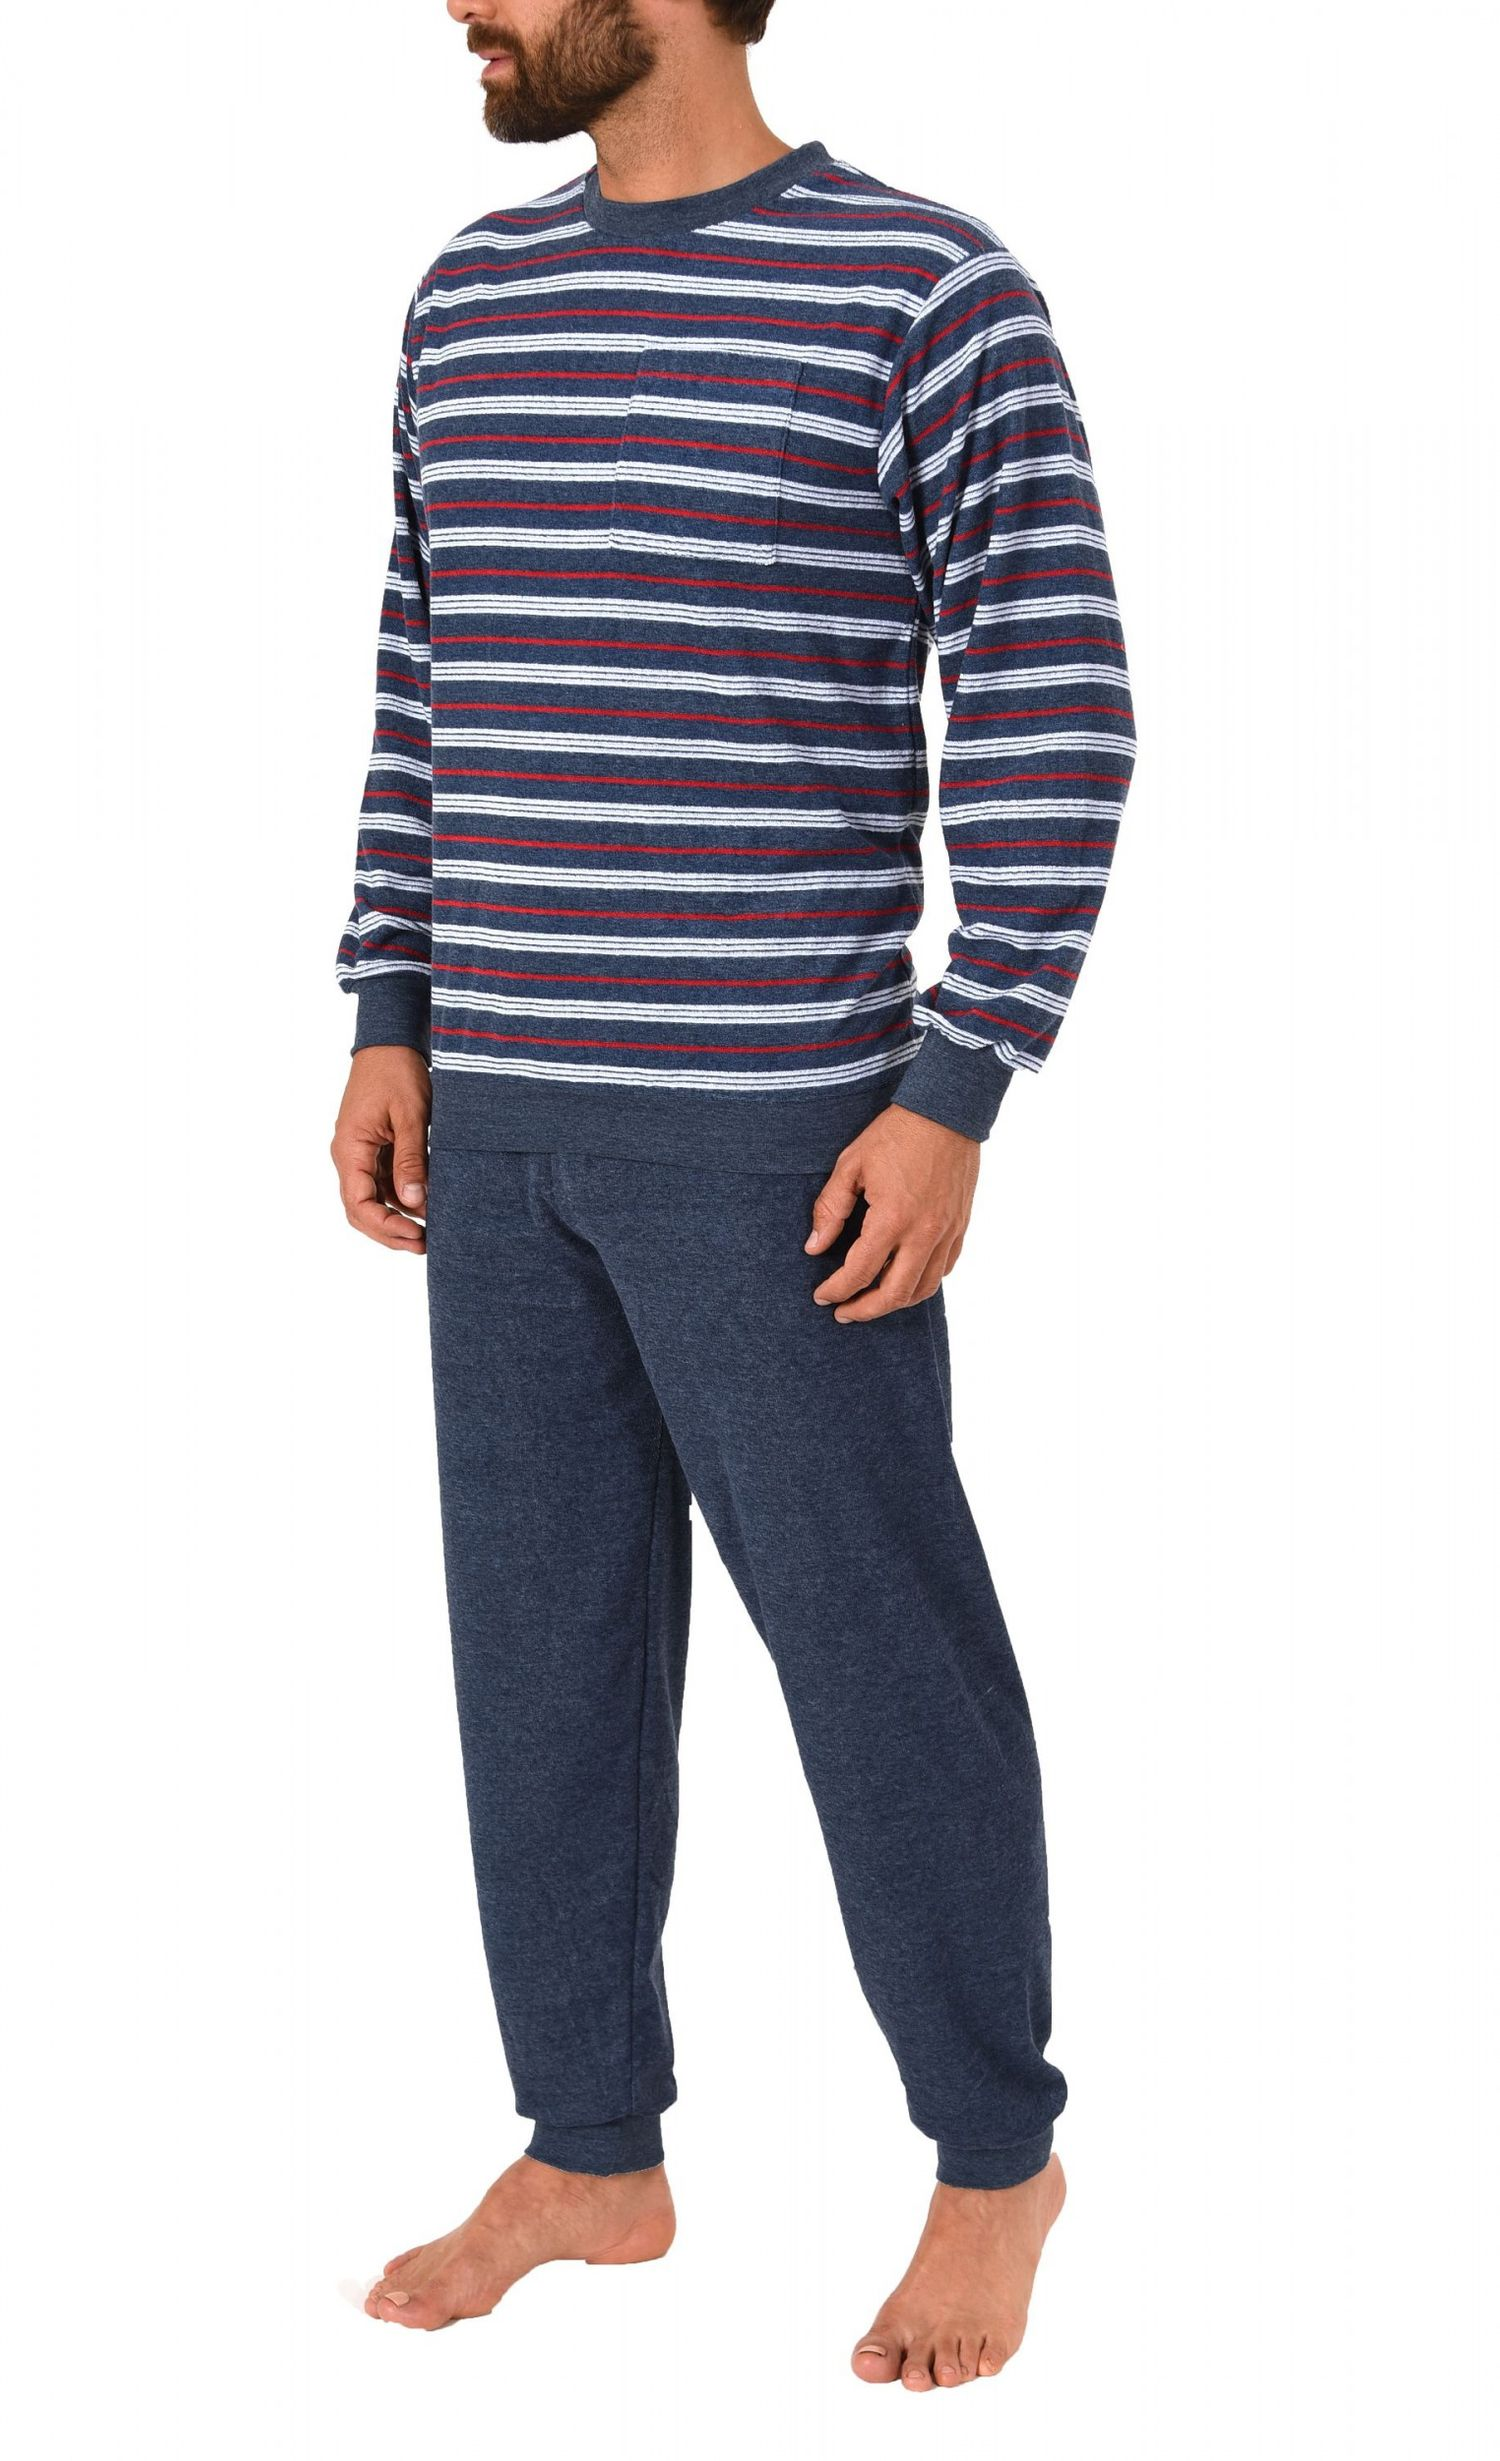 Eleganter Herren Frottee Pyjama Schlafanzug lang mit Bündchen – 271 101 93 730 – Bild 3